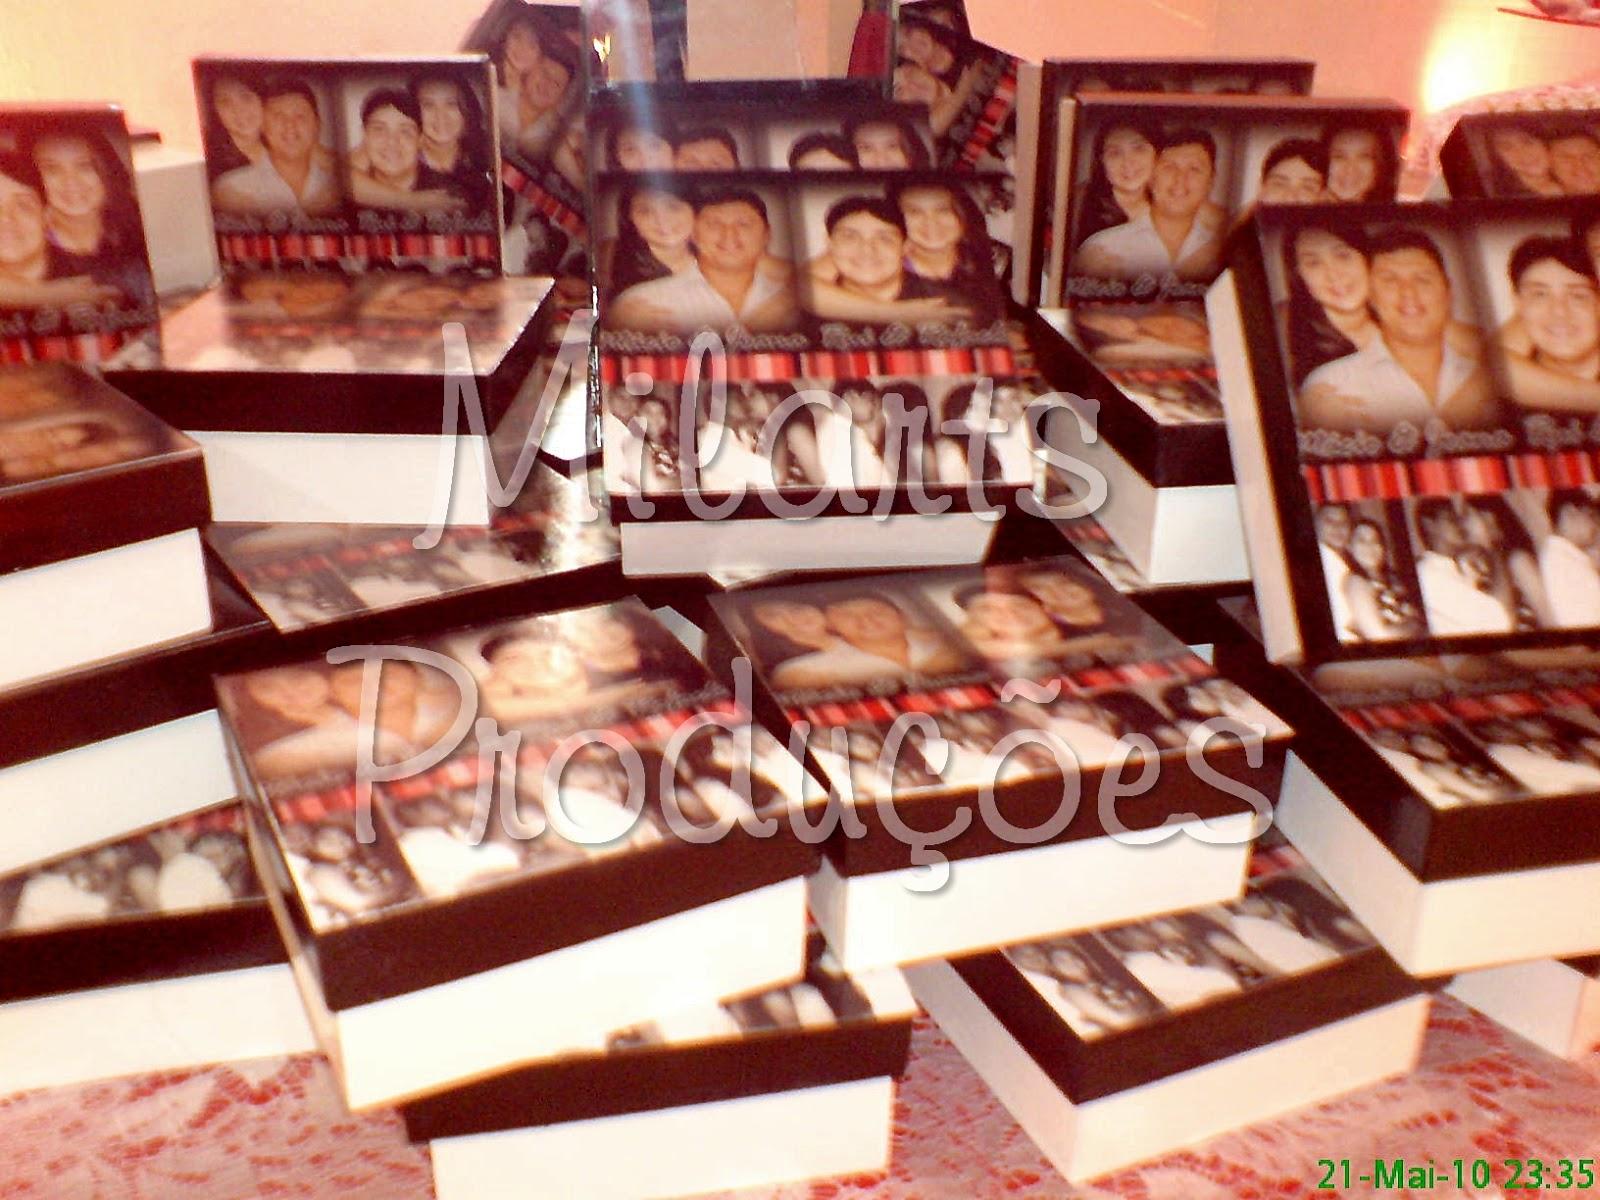 : Lembrança de casamento: Caixa de madeira personalizada com fotos #44080B 1600x1200